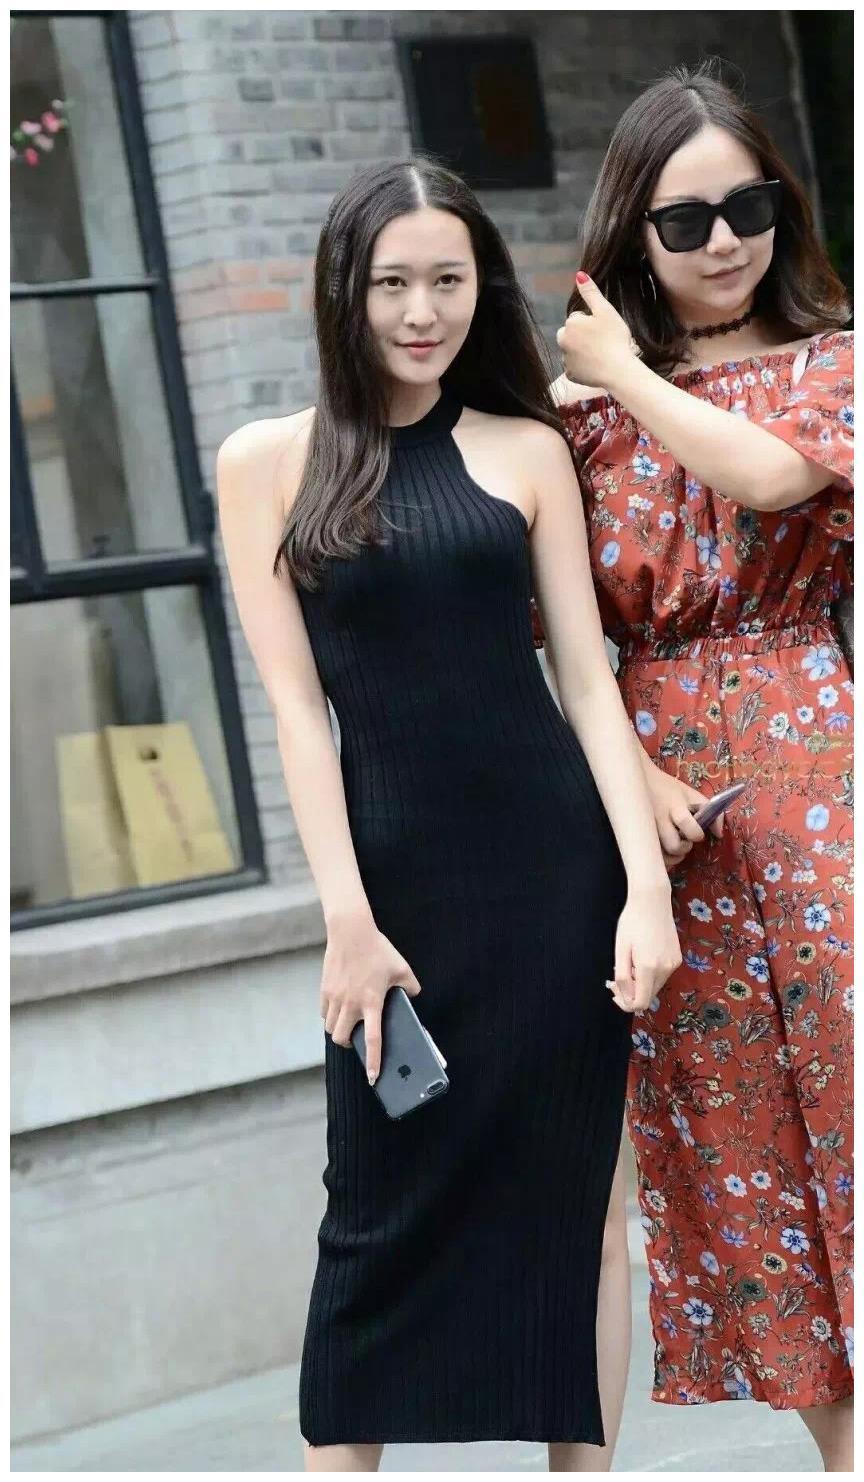 时尚的穿搭小女孩:如果你闺蜜穿的全身黑,建议你别站在她身边